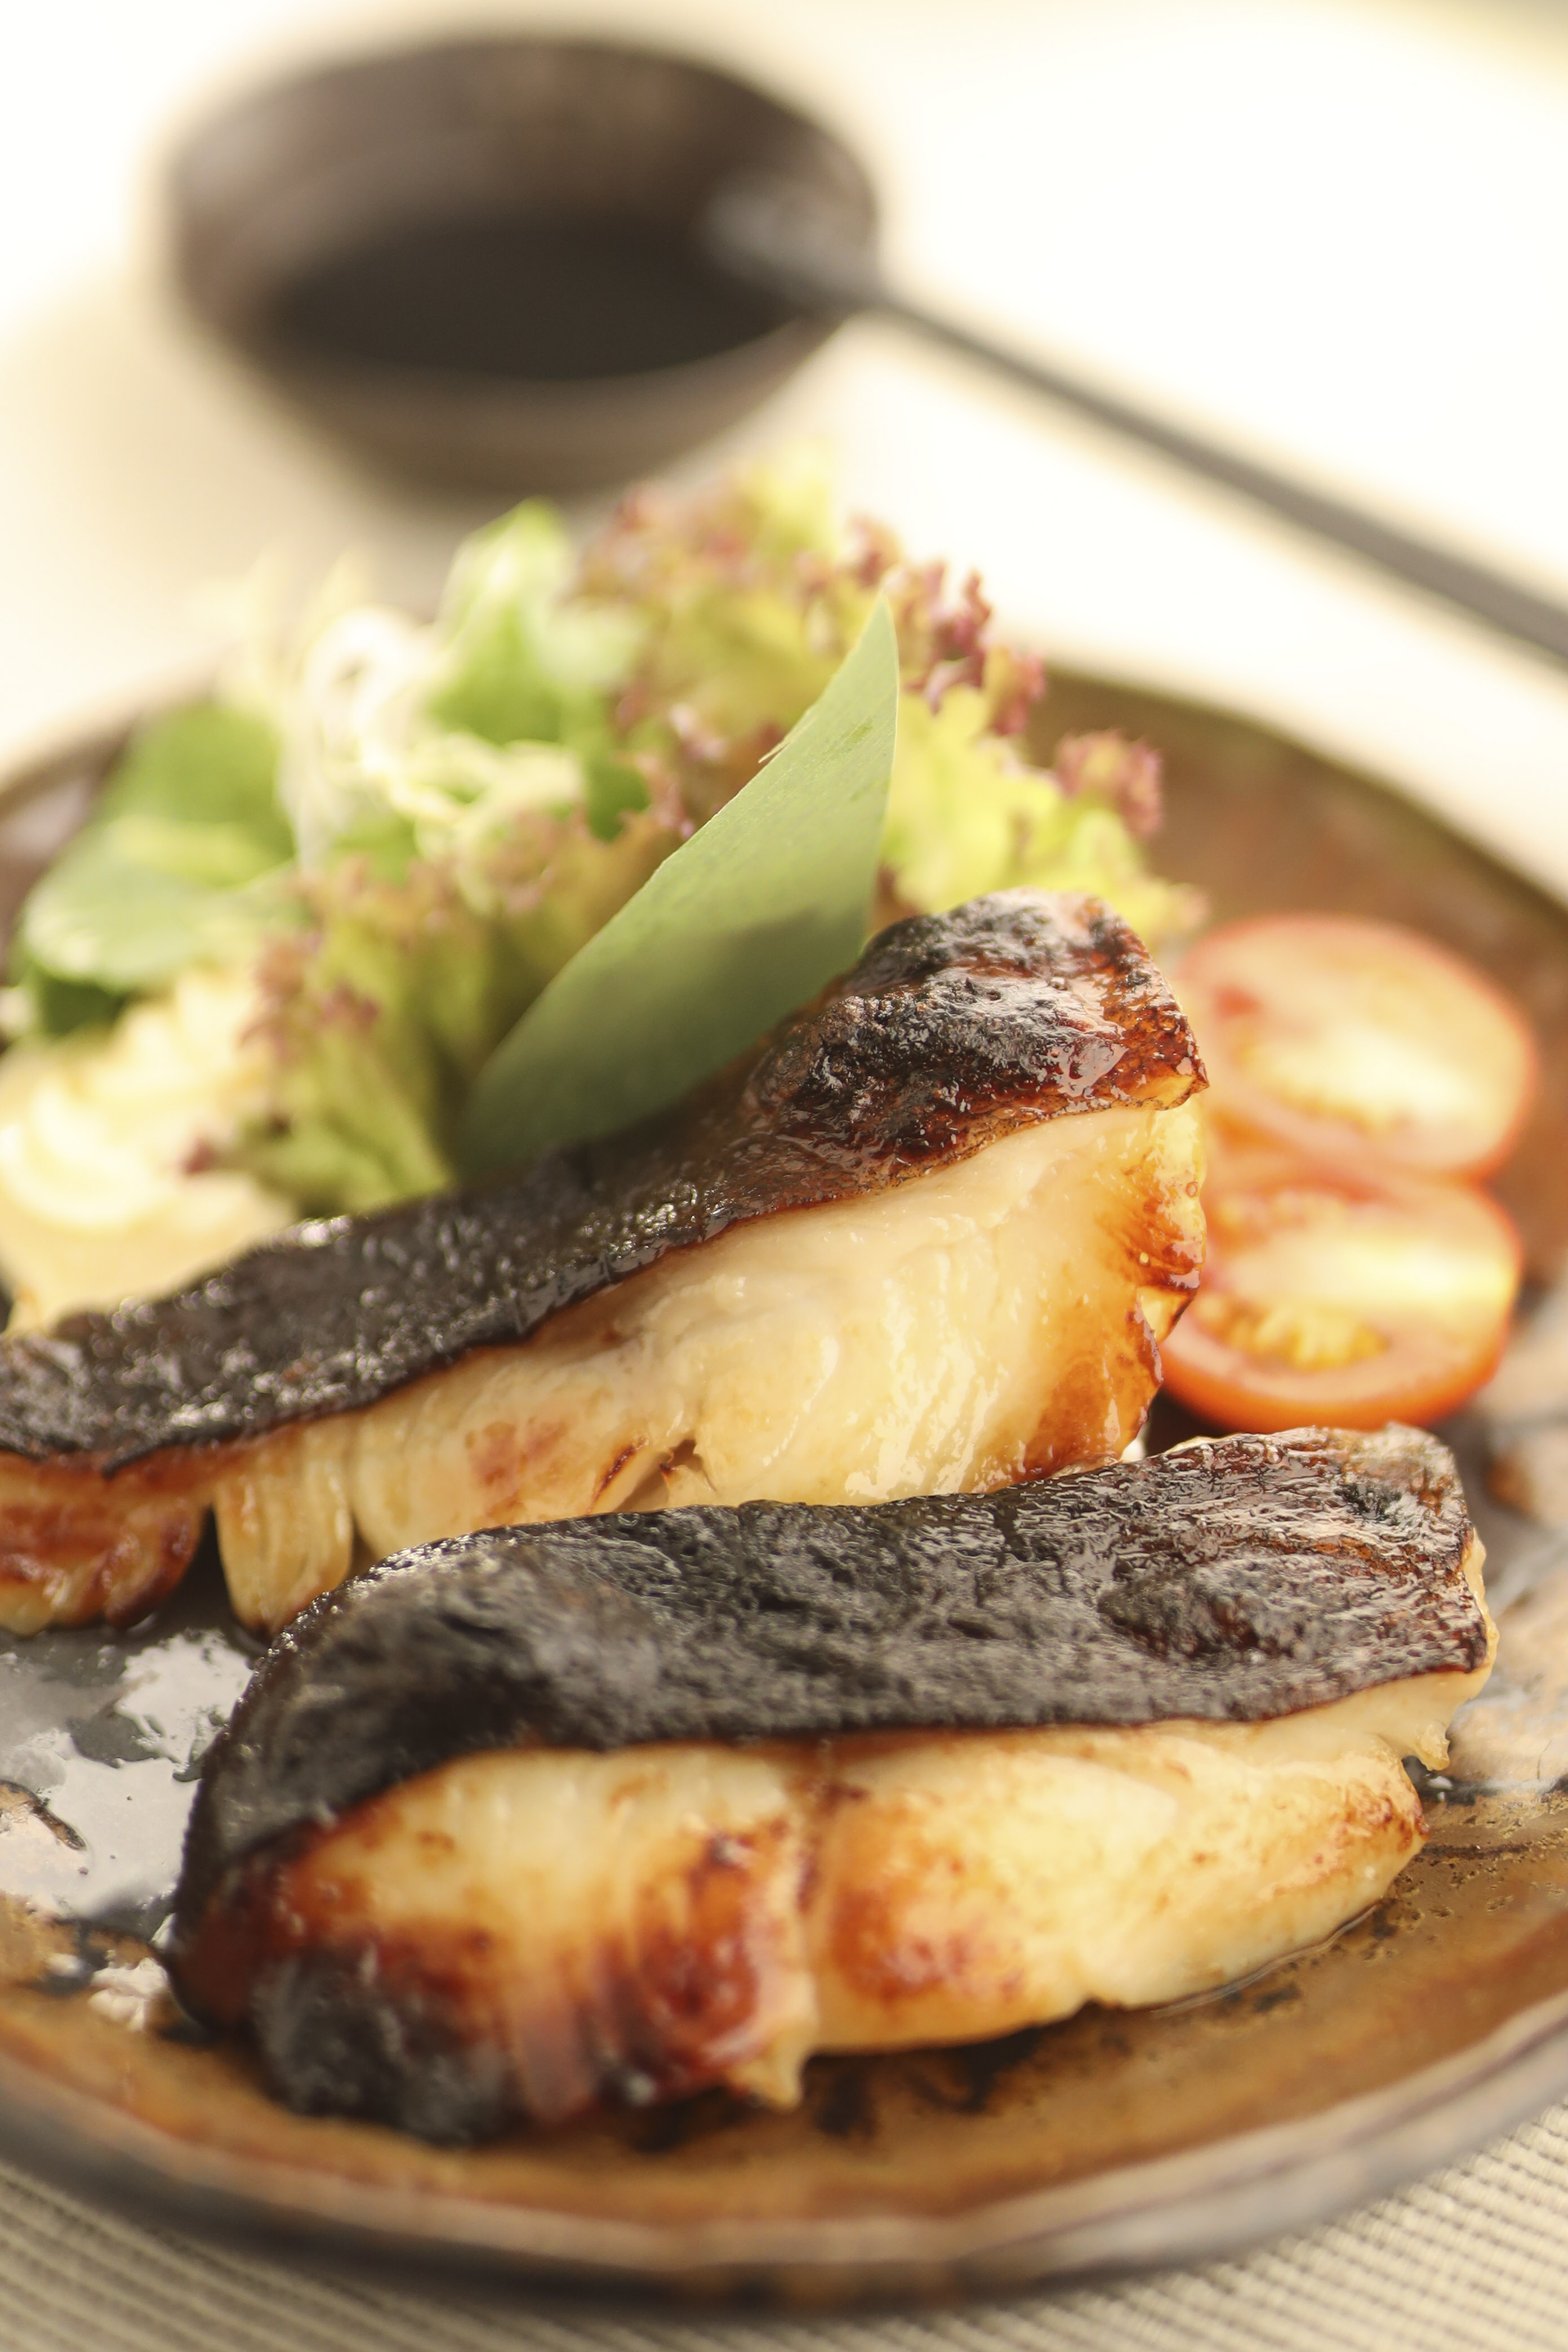 「一休(居食屋)日本料理」 - 銀鱈魚西京燒用上西京面豉將銀鱈魚醃製兩天,再以高溫烤至金黃色,不但入口嫩滑,更滲透濃濃面豉香味,只吃一口便齒頰留香。